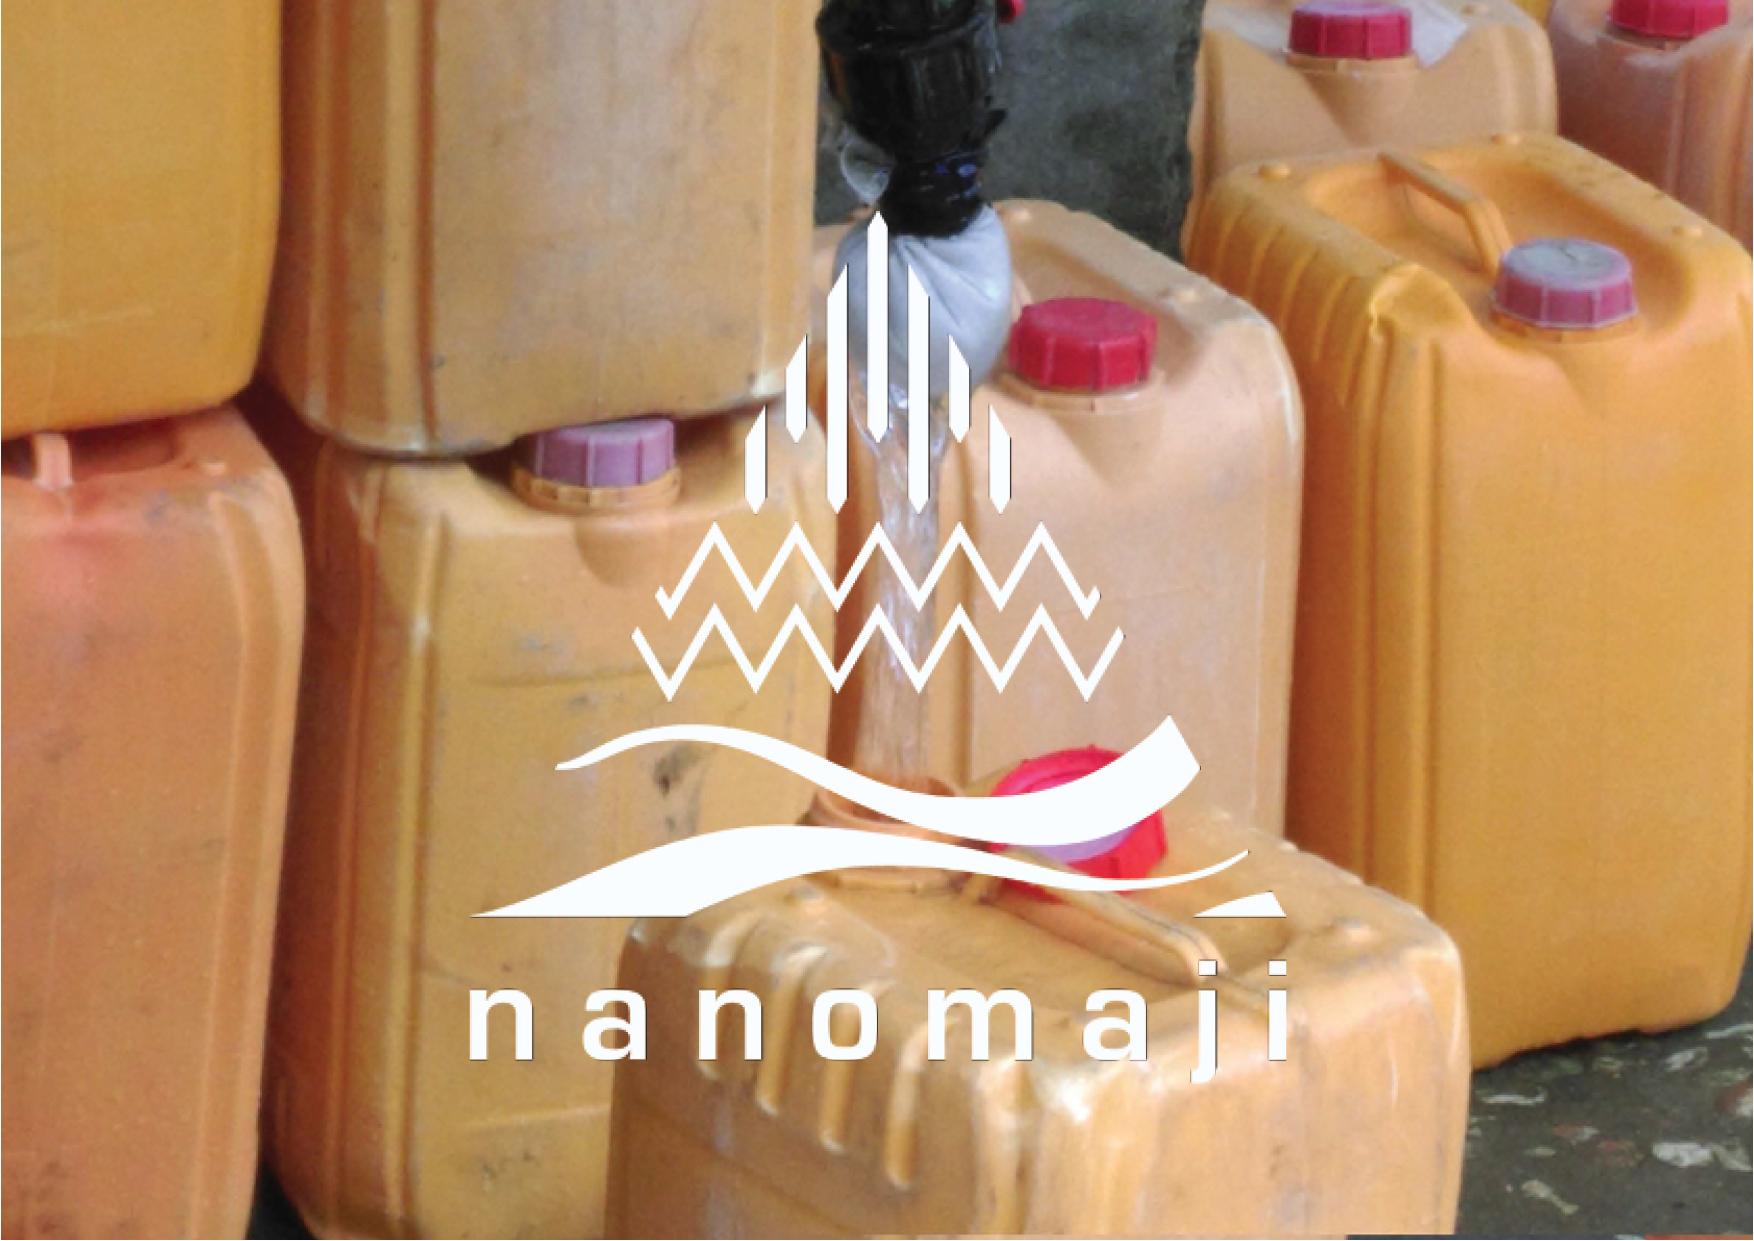 Nanomaji